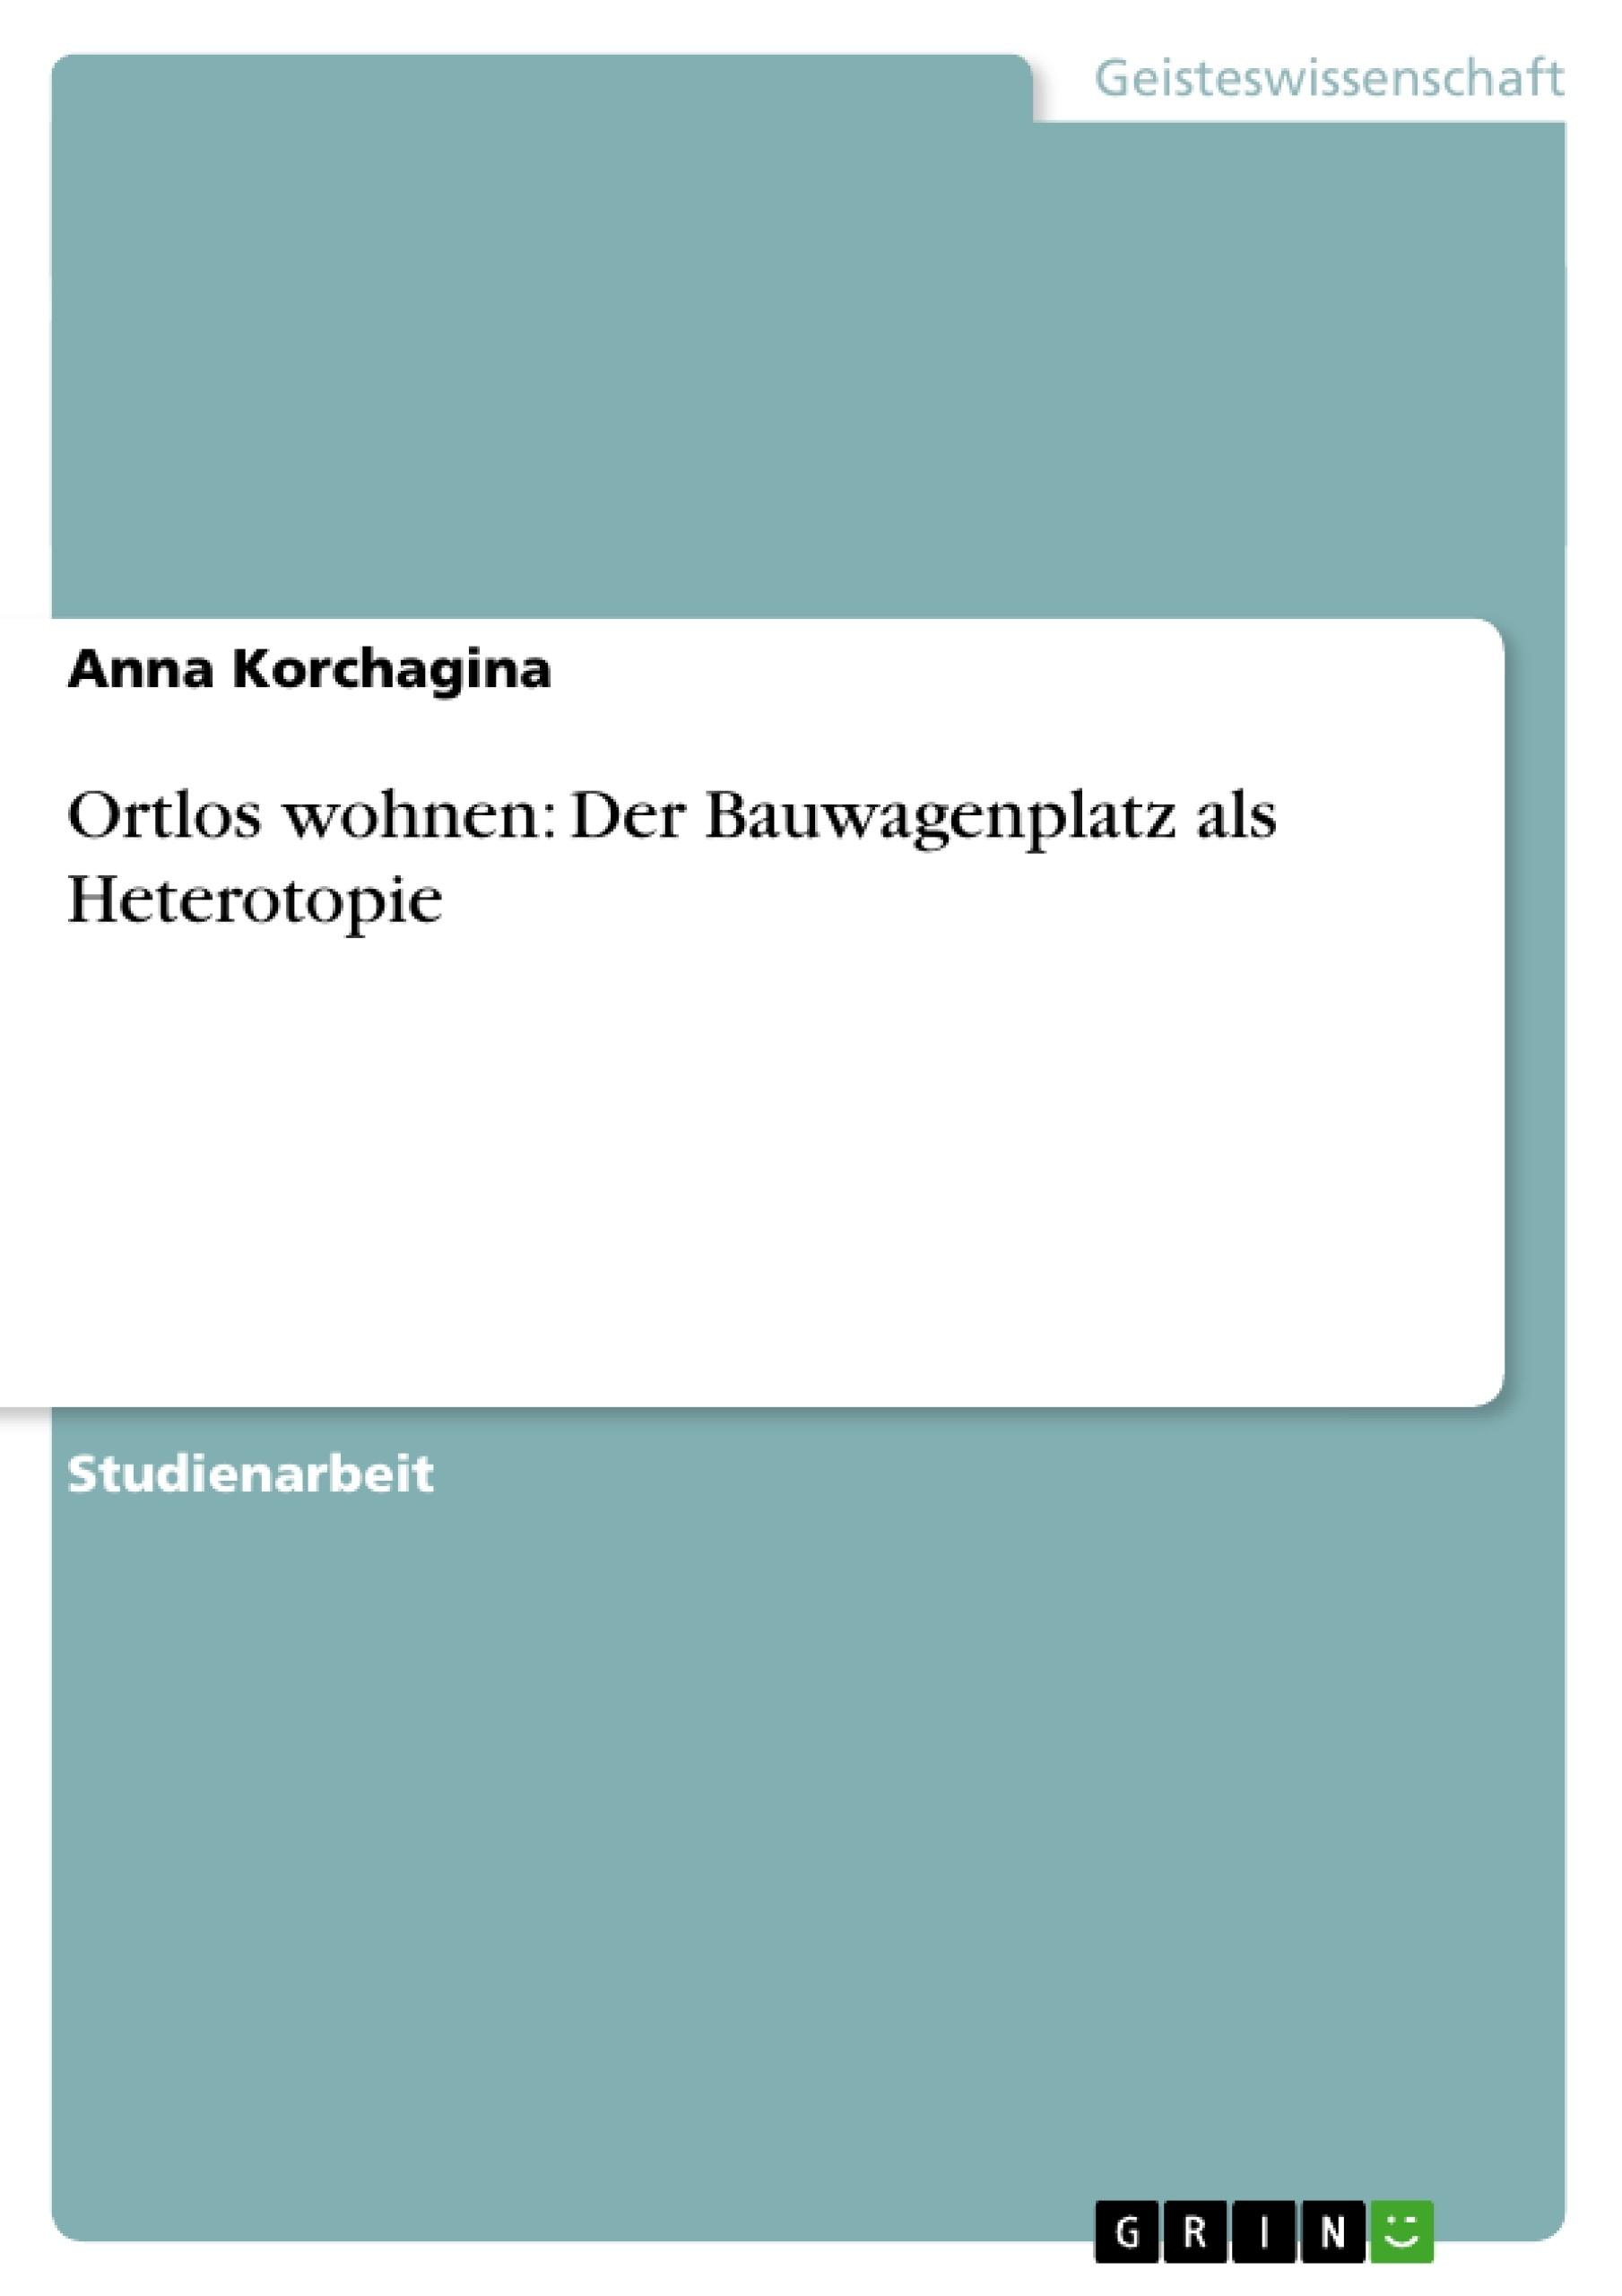 Titel: Ortlos wohnen: Der Bauwagenplatz als Heterotopie